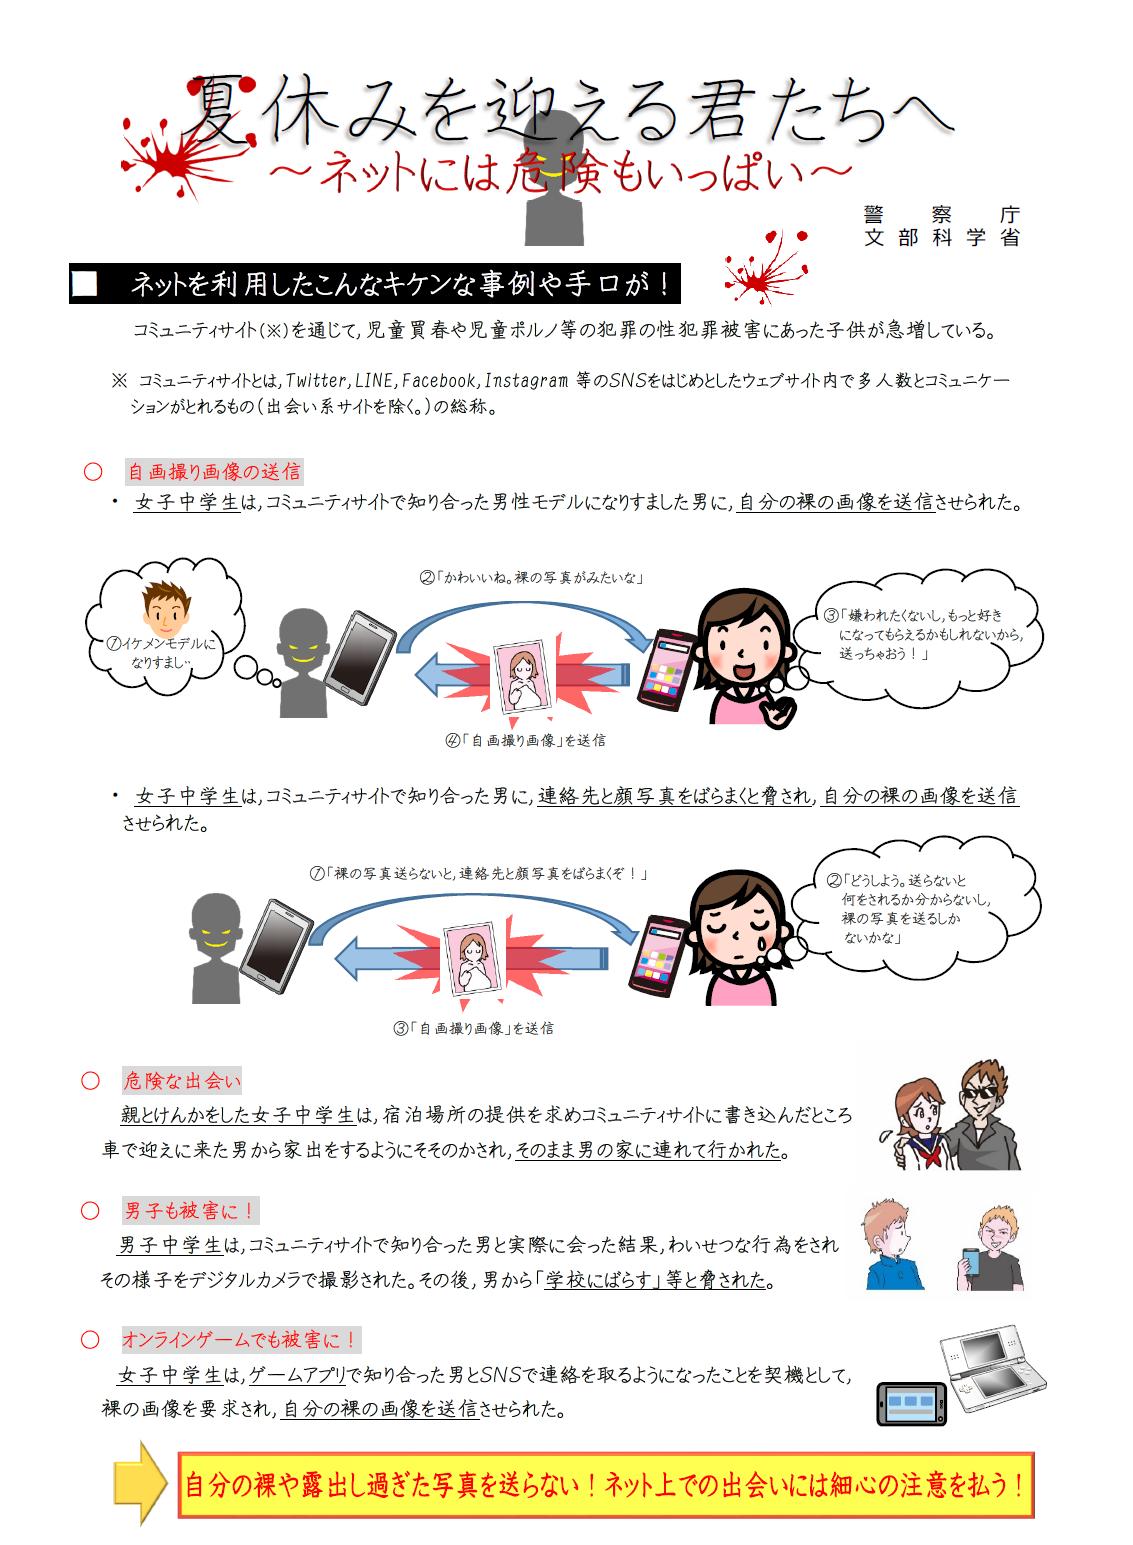 """警察庁と文部科学省が出した共同メッセージ<a href=""""http://www.mext.go.jp/component/a_menu/education/detail/__icsFiles/afieldfile/2017/06/27/1386963_1_1.pdf"""" class=""""n"""" target=""""_blank"""">「夏休みを迎える君たちへ~ネットには危険もいっぱい~」(PDF)</a>の冒頭部分"""